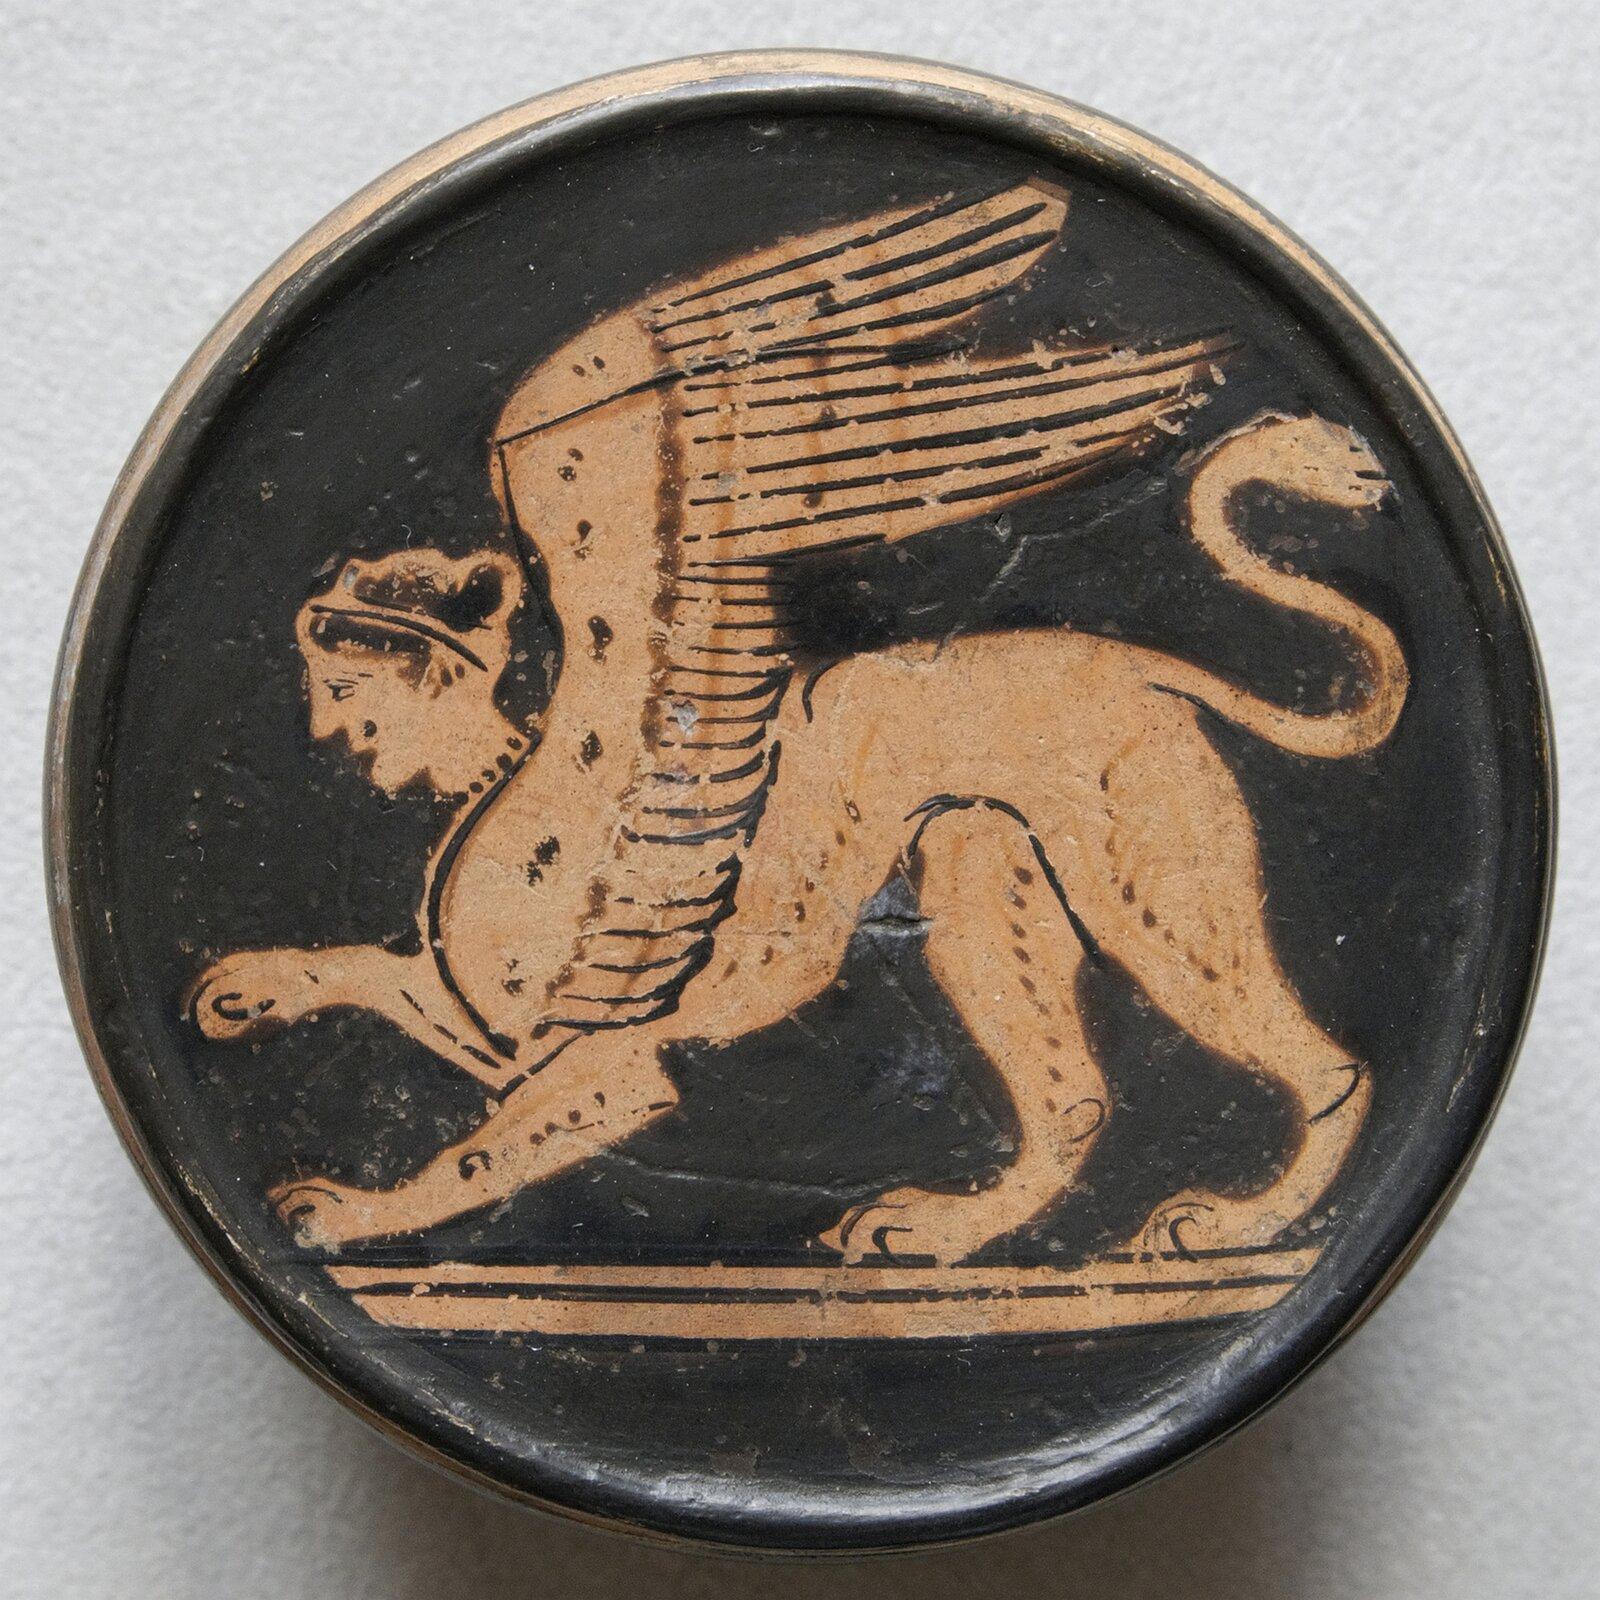 lustracja przedstawia fotografię obrazujące malarstwo na naczyniu. Malunek przedstawia wizerunek Sfinksa przechadzającego się po płaskiej powierzchni. Sfinks posiada głowę kobiety oraz ciało lwa, atakże duże skrzydła. Sfinks został przedstawiony na czarnym tle.